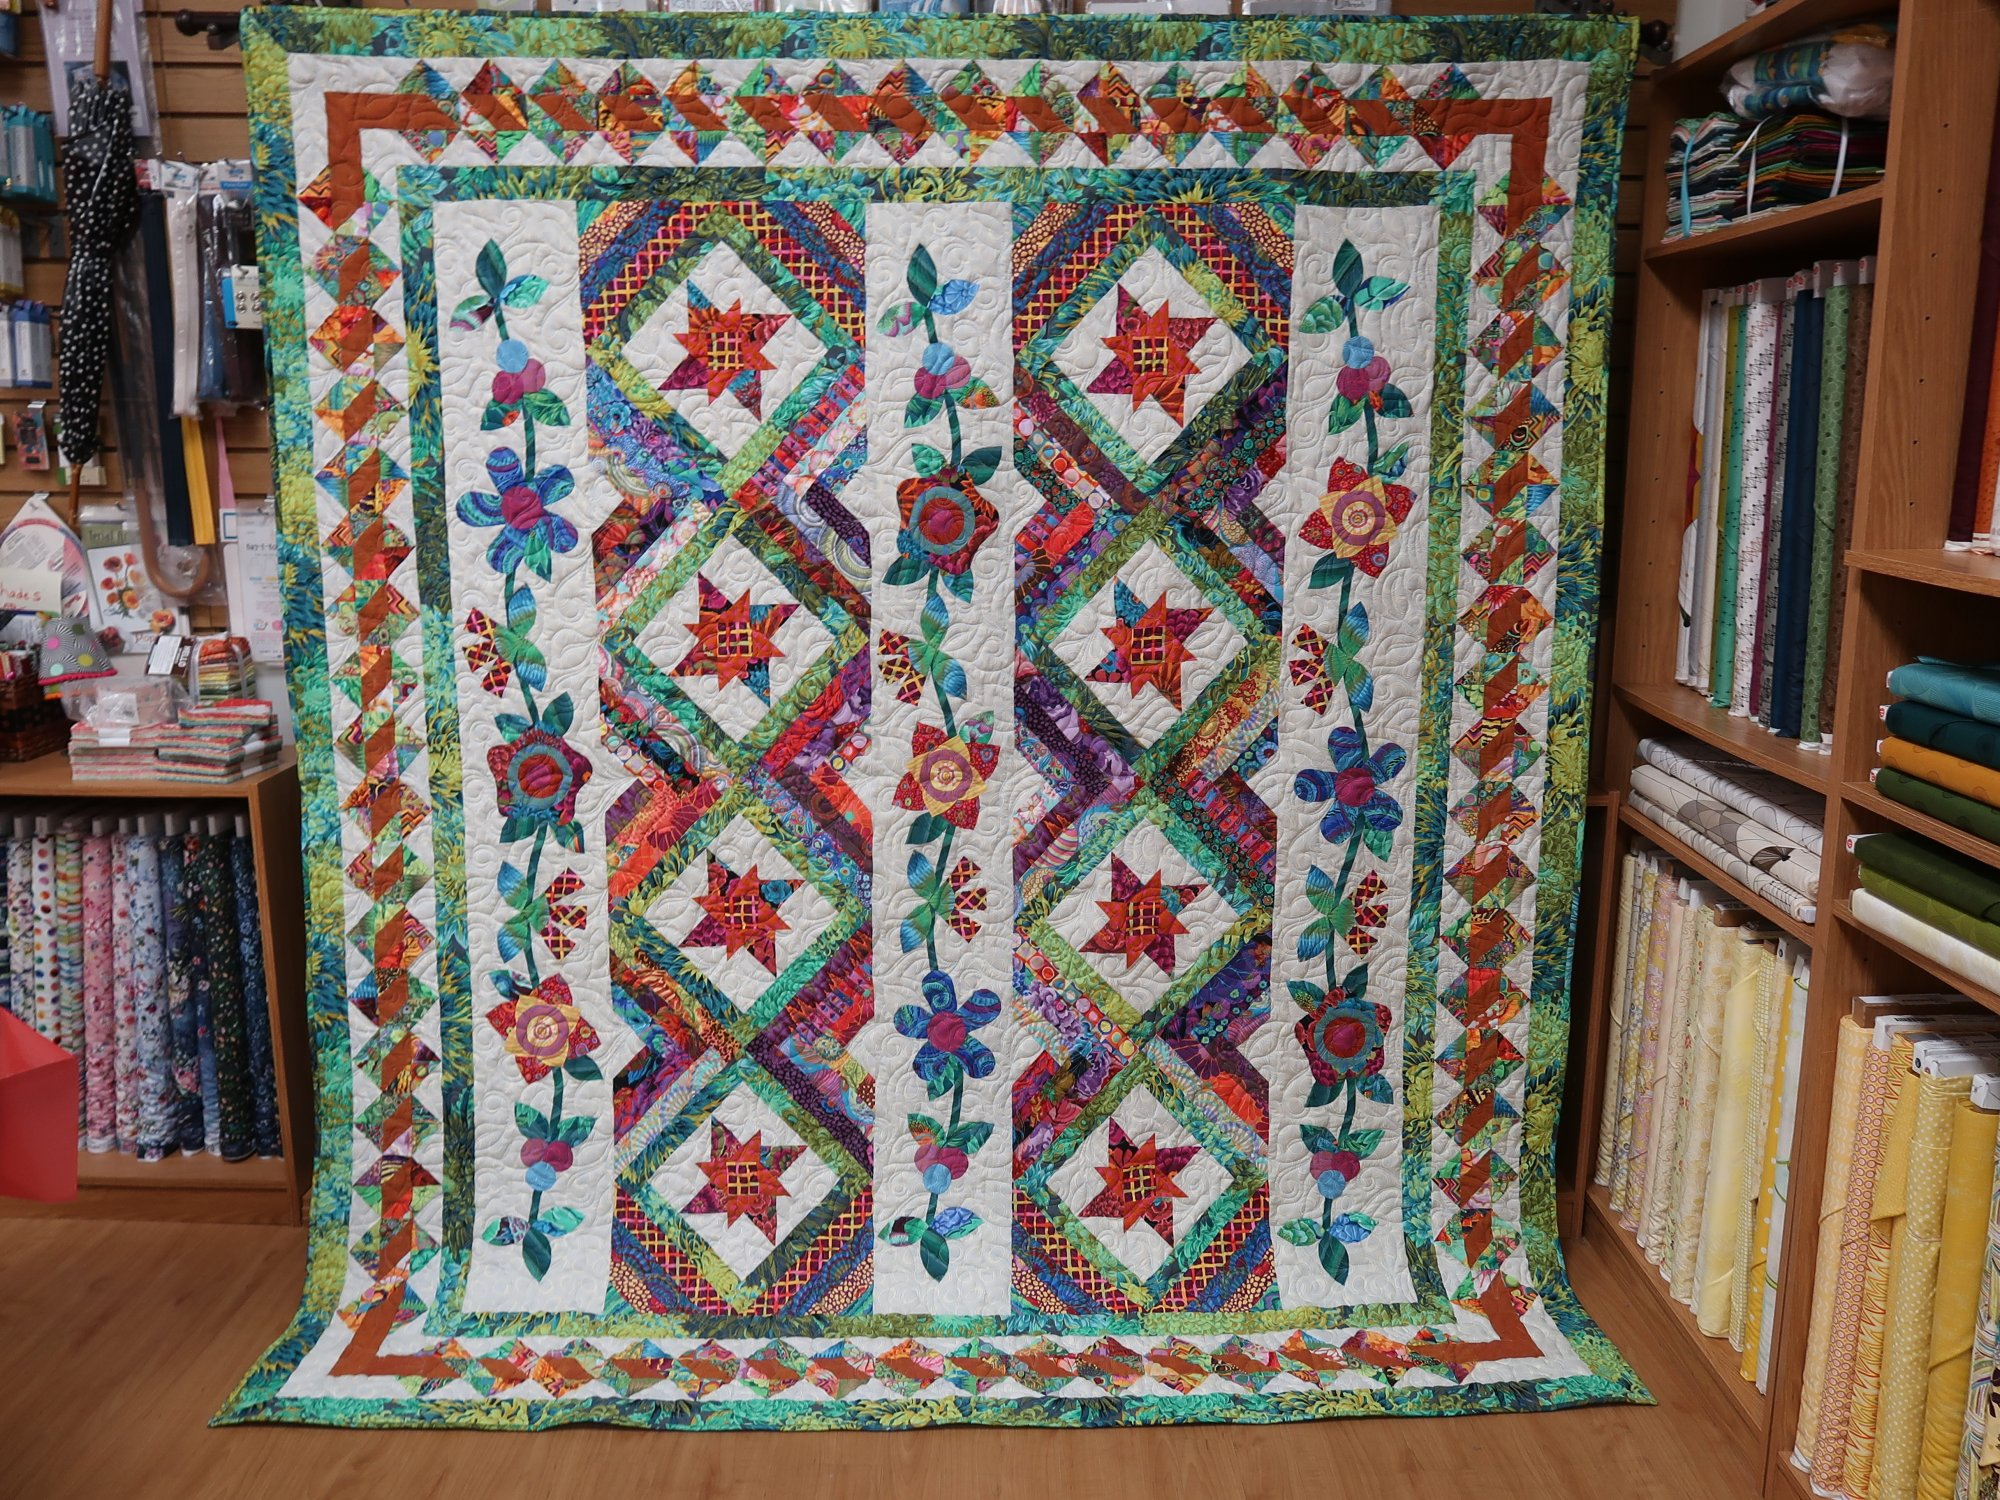 KAFFE Summer Garden Quilt Kit